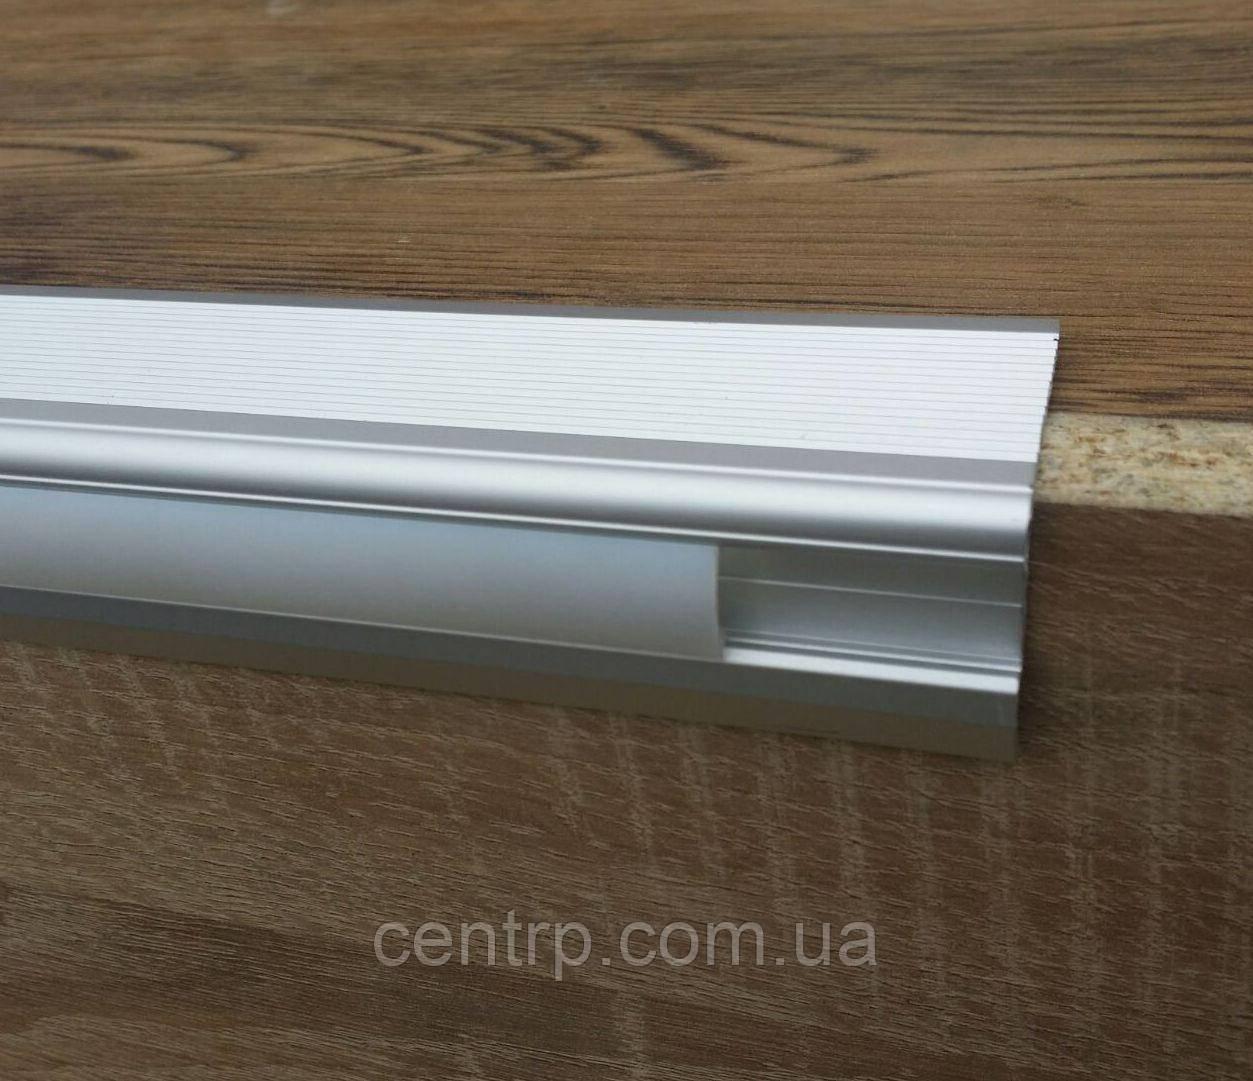 Алюминиевый профиль для ступеней с LED-подсветкой А47*33